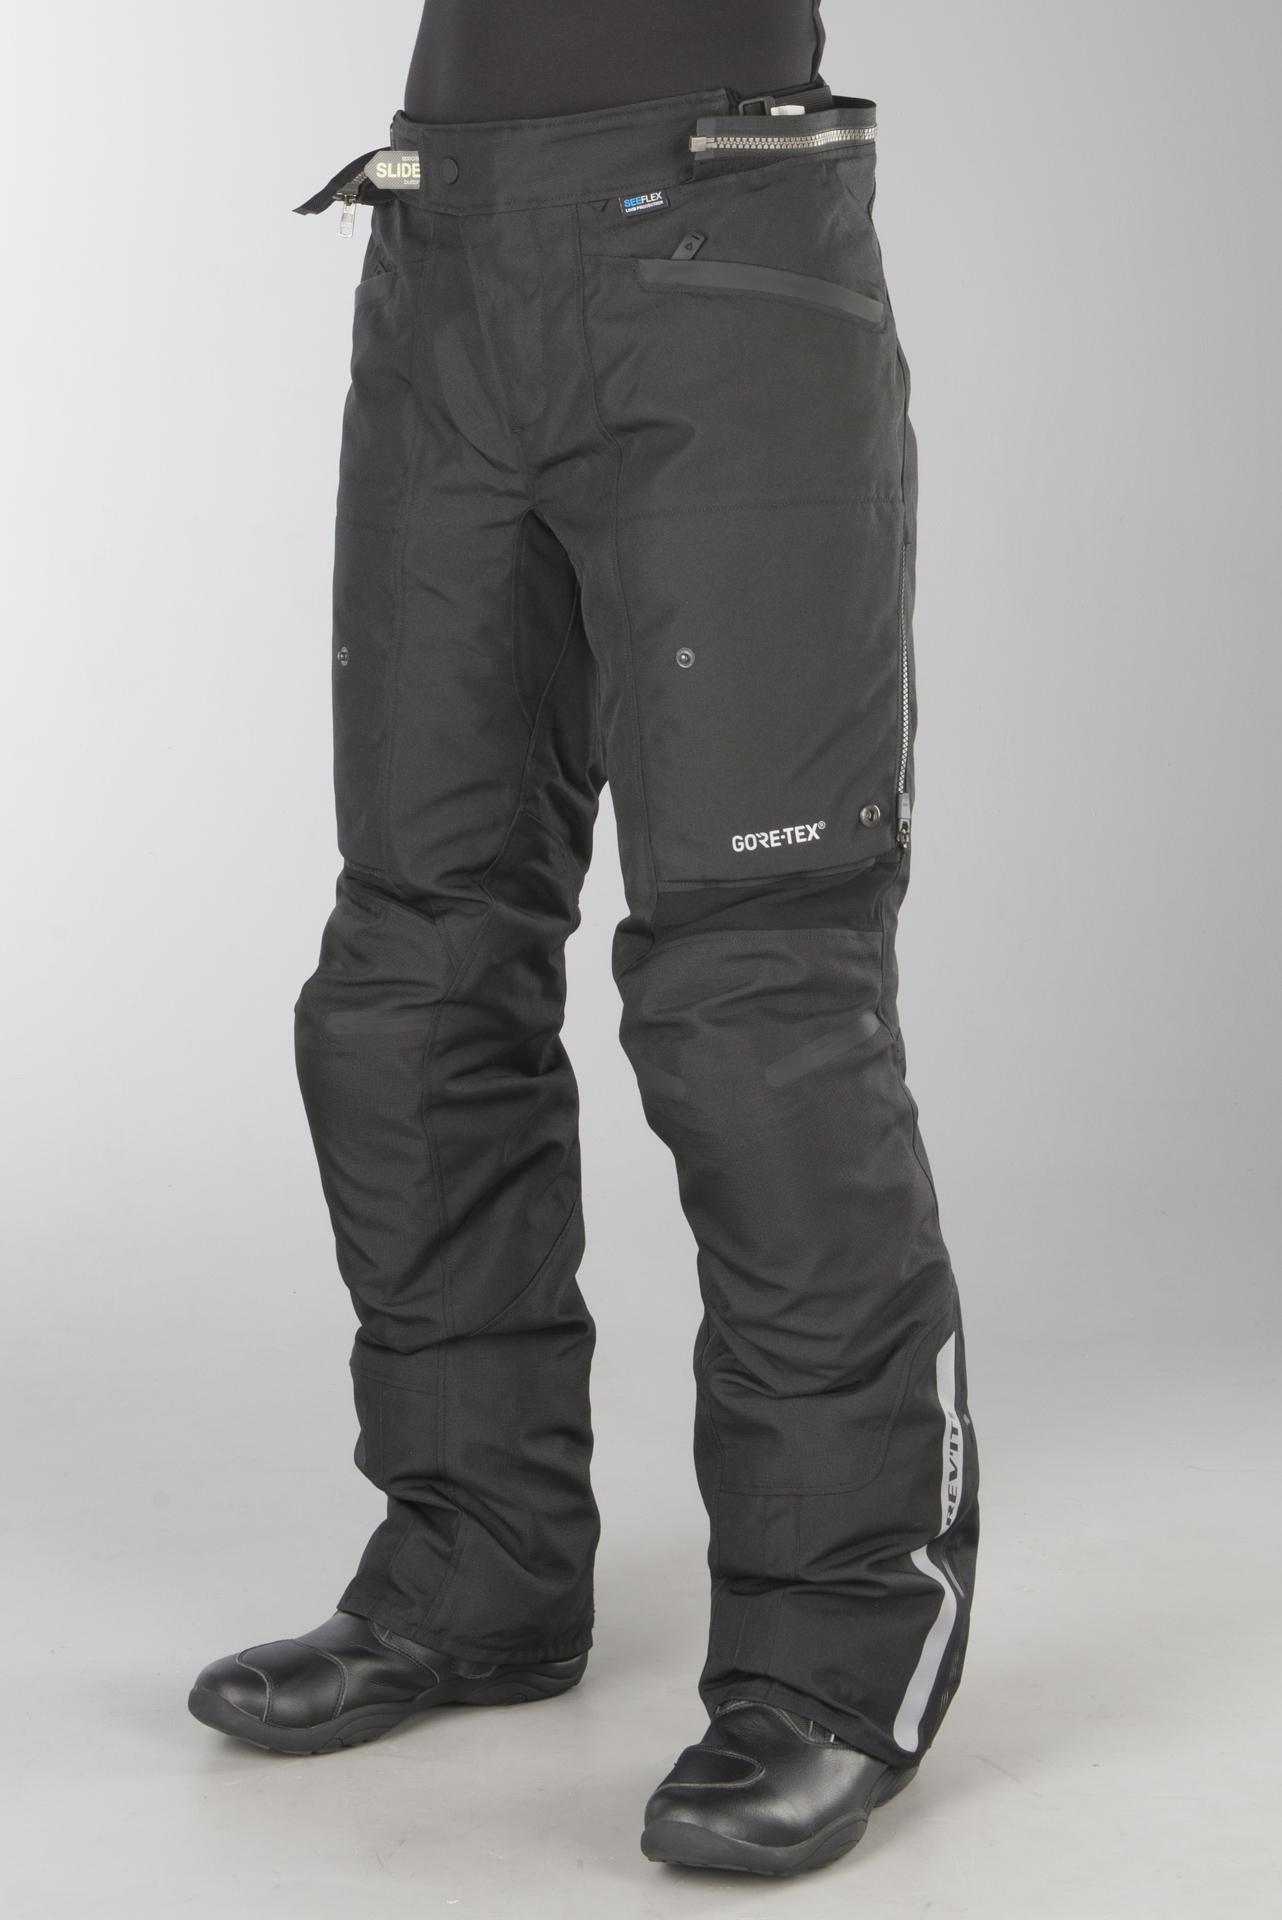 Black, XXX-Large IXS Neptun Rain Pants